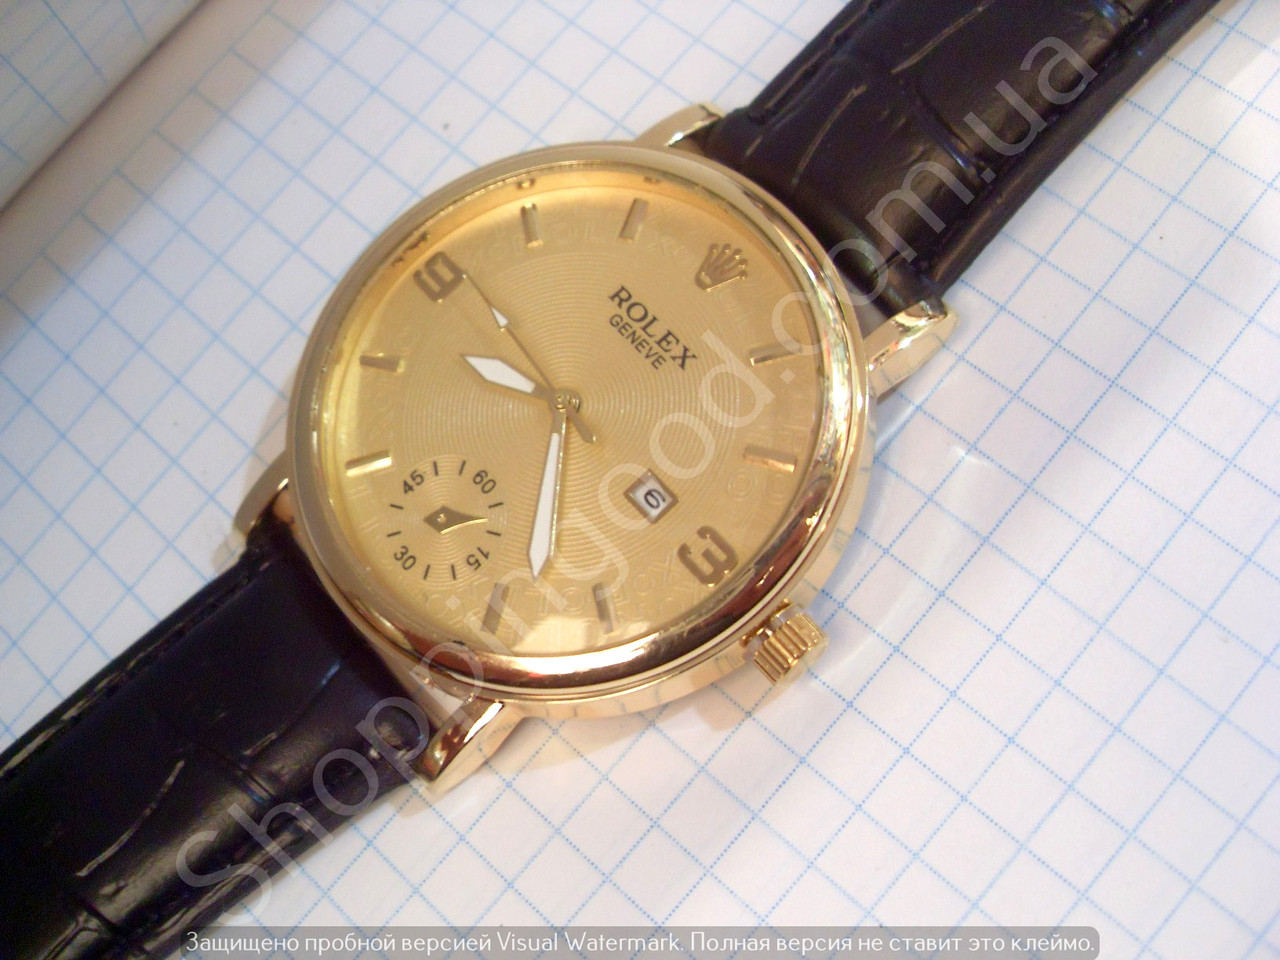 Часы Rolex B85 мужские золотистые на черном ремешке из кожзама кварцевые с  календарем диаметр 43 мм 2419c10a77a